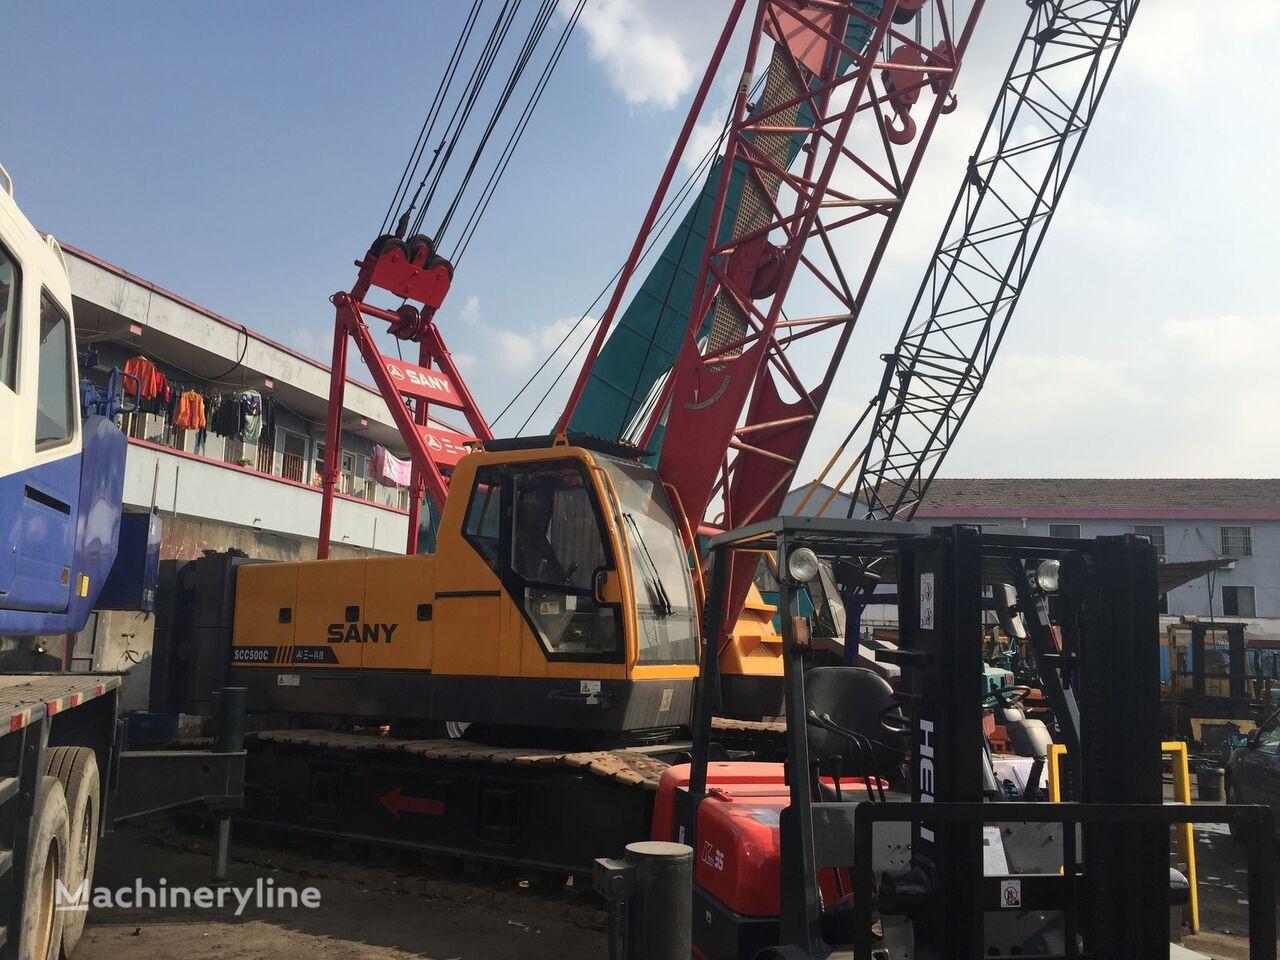 SANY SCC500C crawler crane